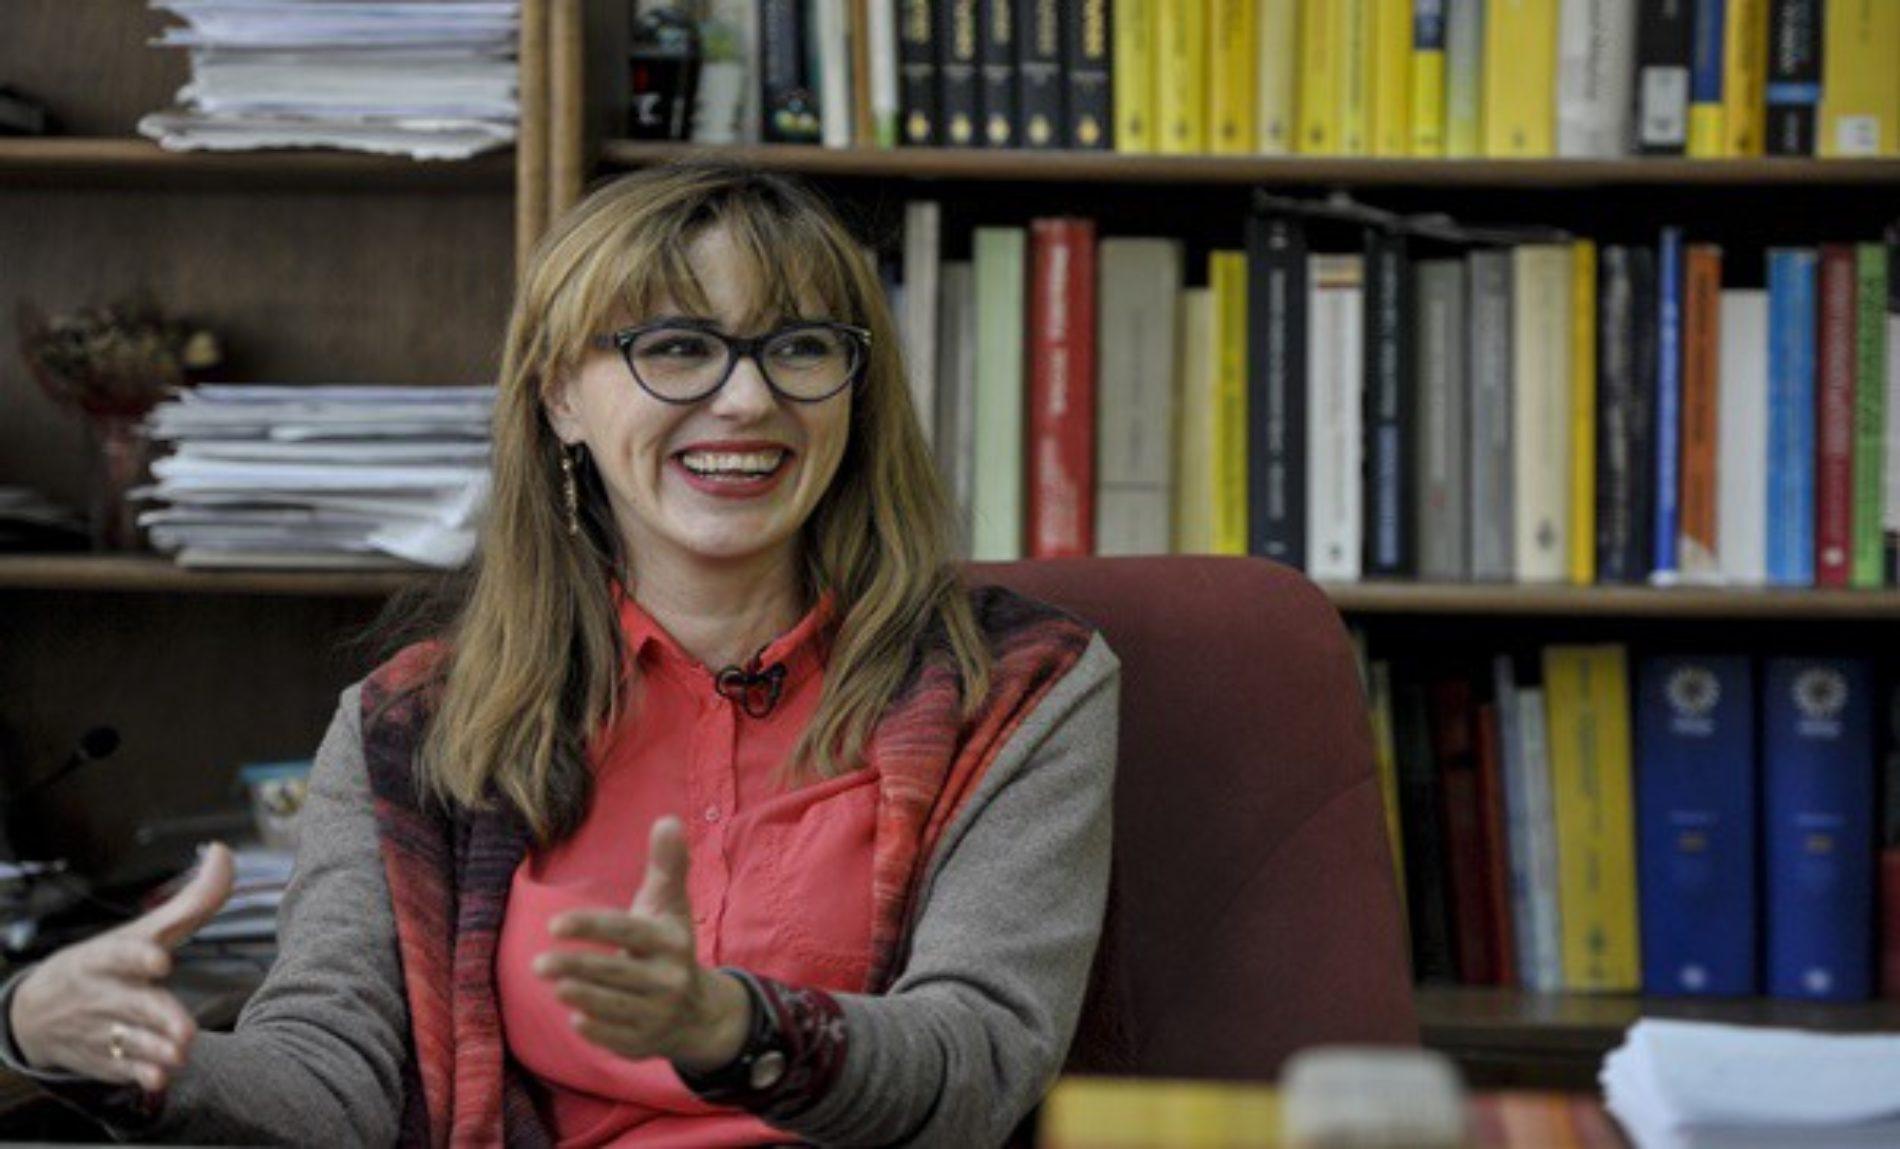 Genijalka iz komšiluka: Lejla Smajlović postala urednica uglednog svjetskog časopisa o matematici